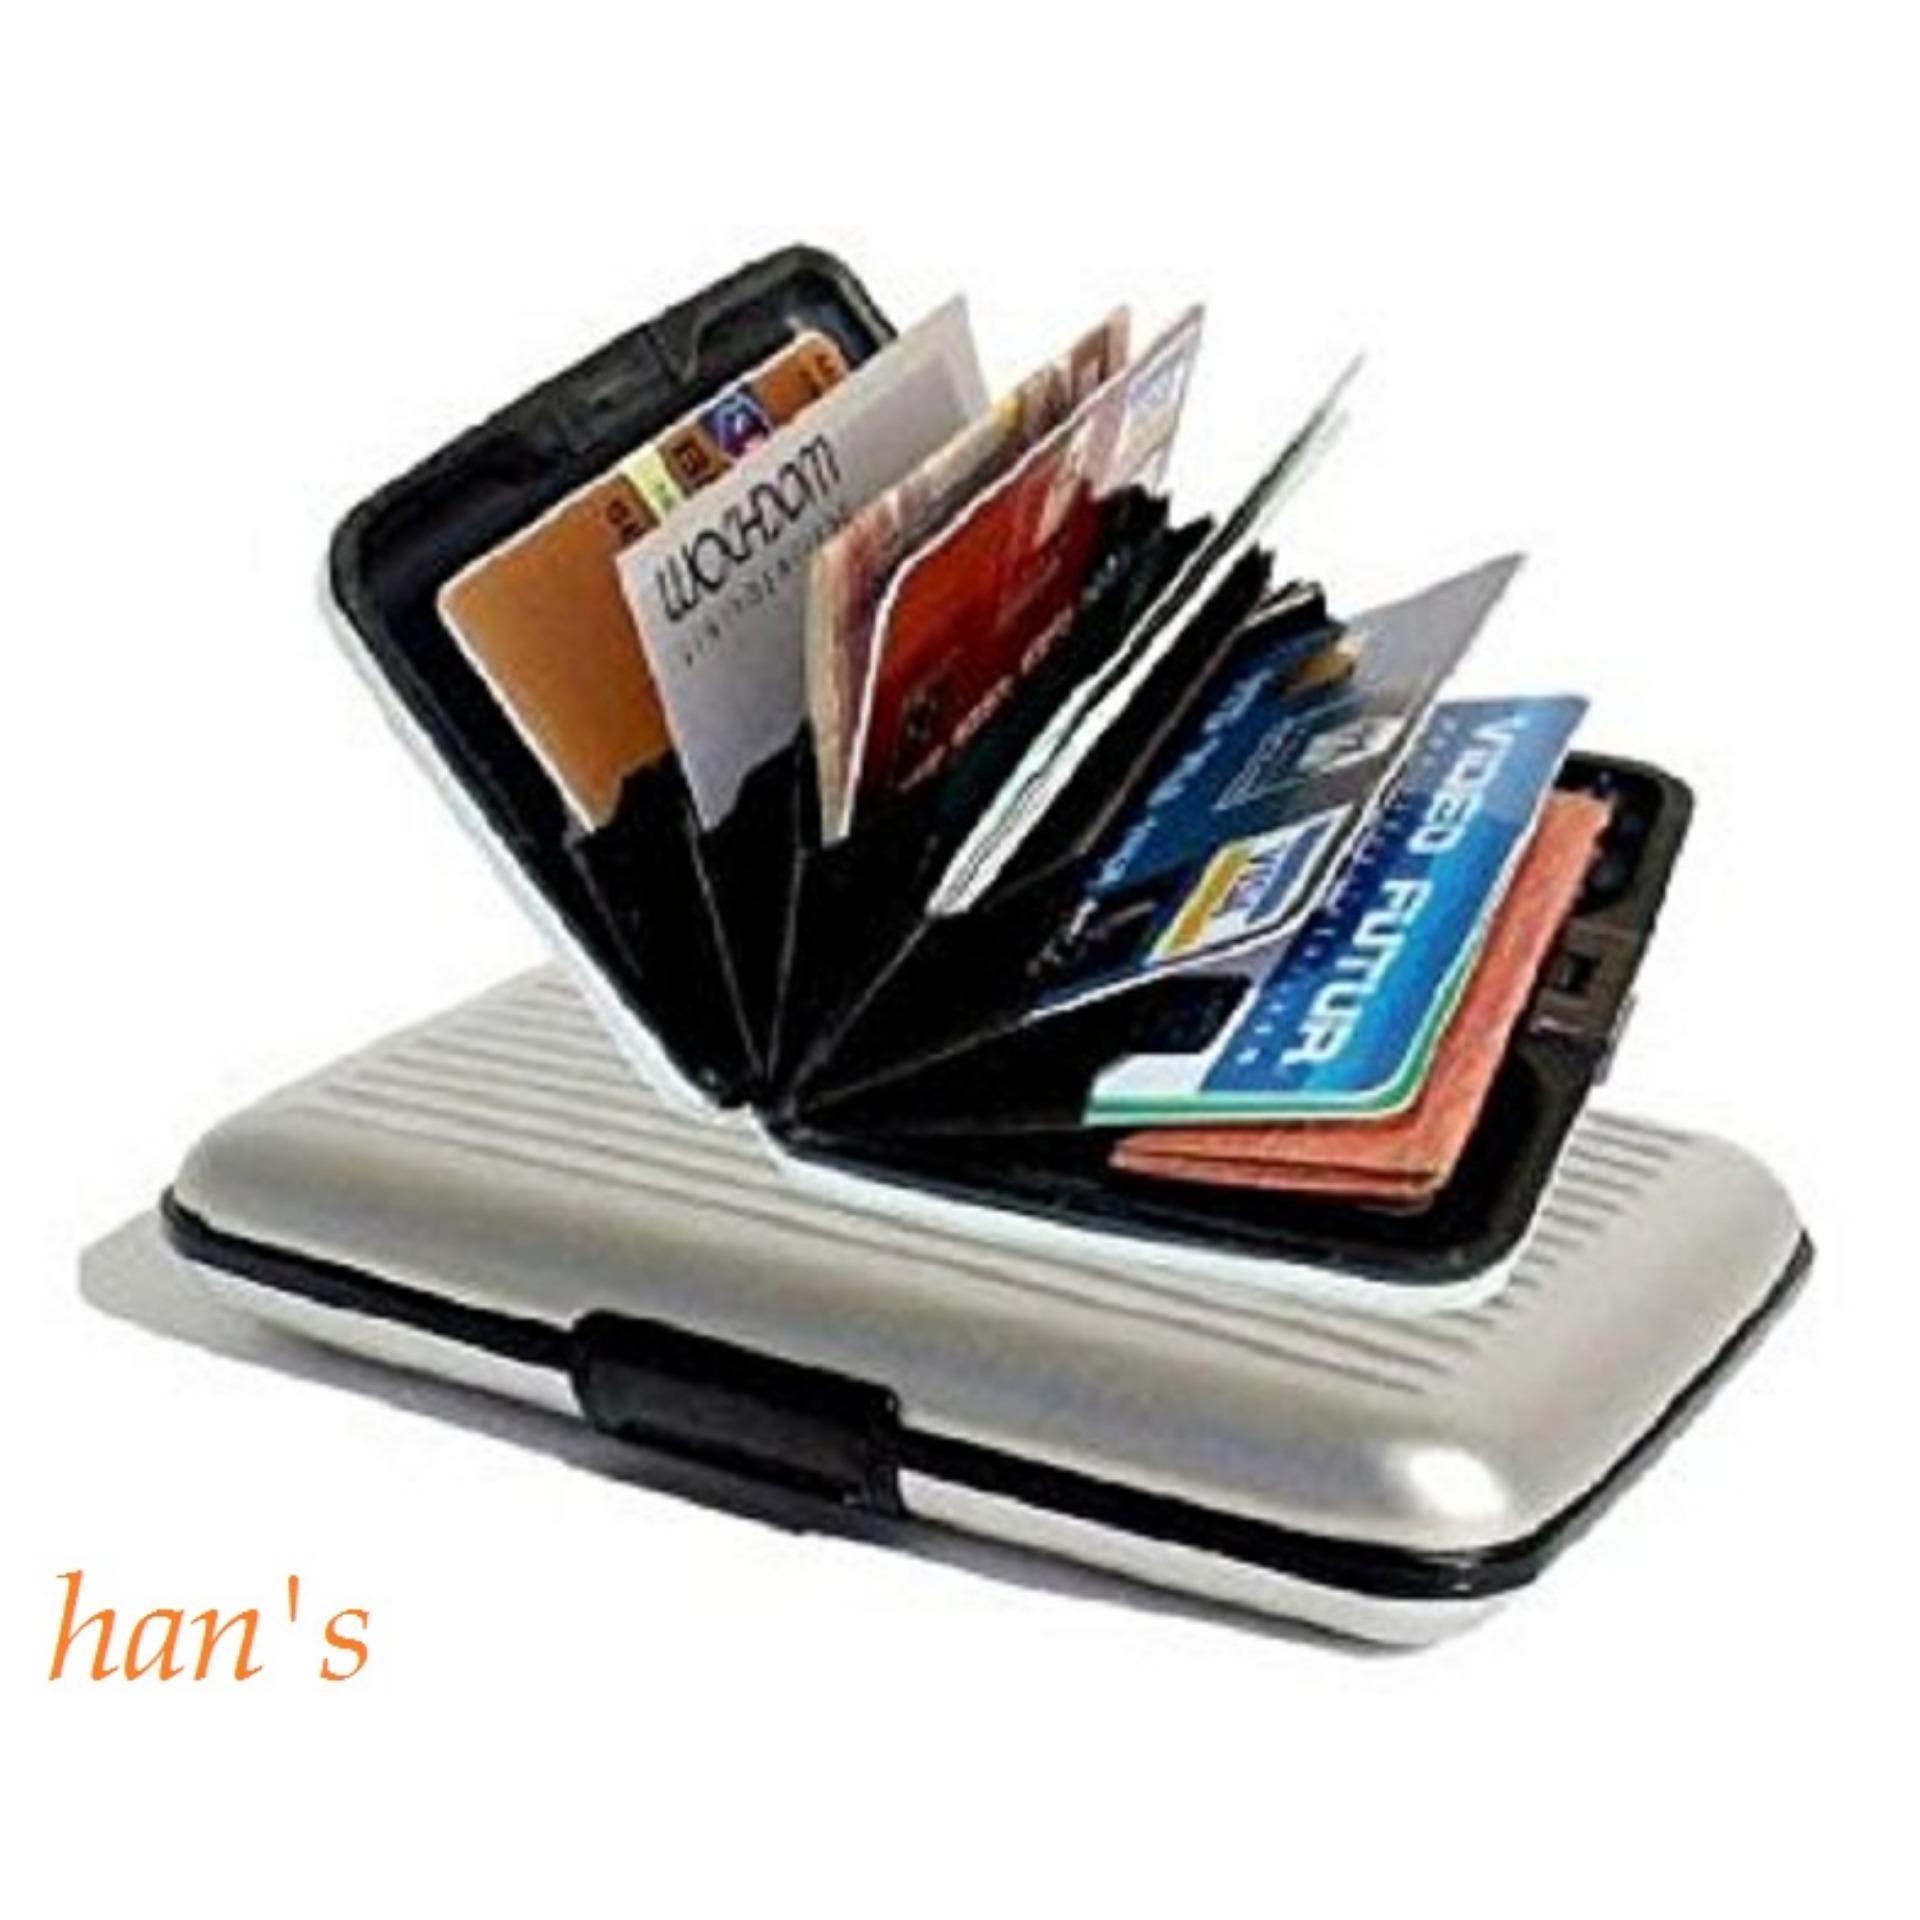 Hans Aksesoris Tempat Kartu Multifungsi Card Guard Alumunium Rsb Dompet Almunium Anti Air Caddy Aluminum Silver